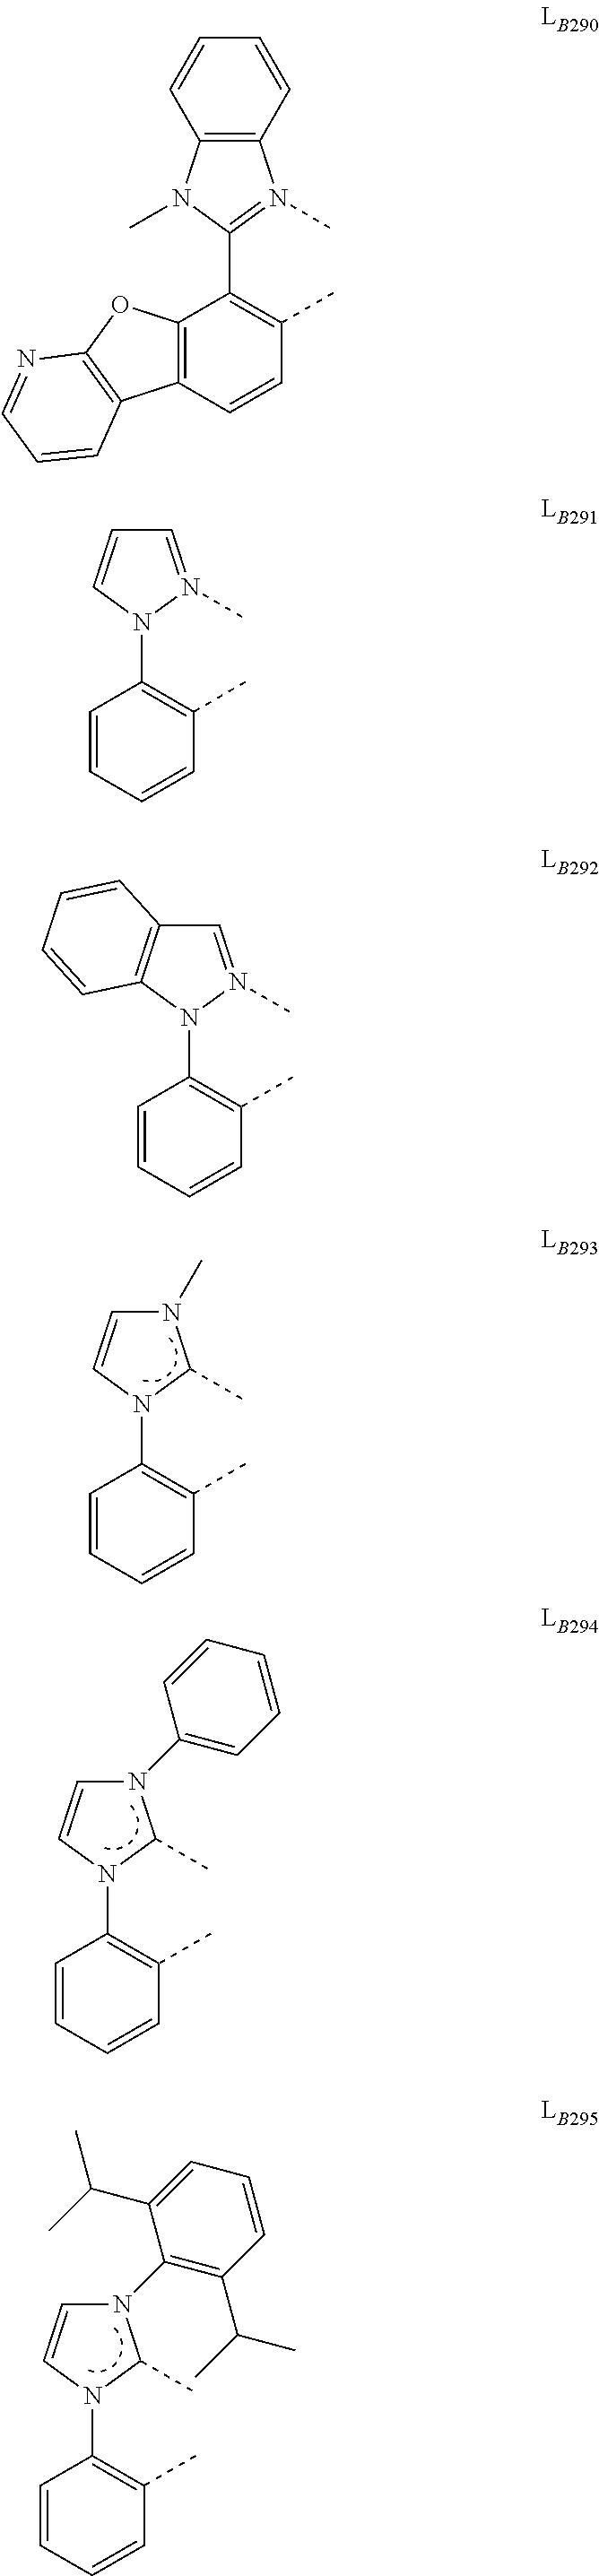 Figure US09929360-20180327-C00276